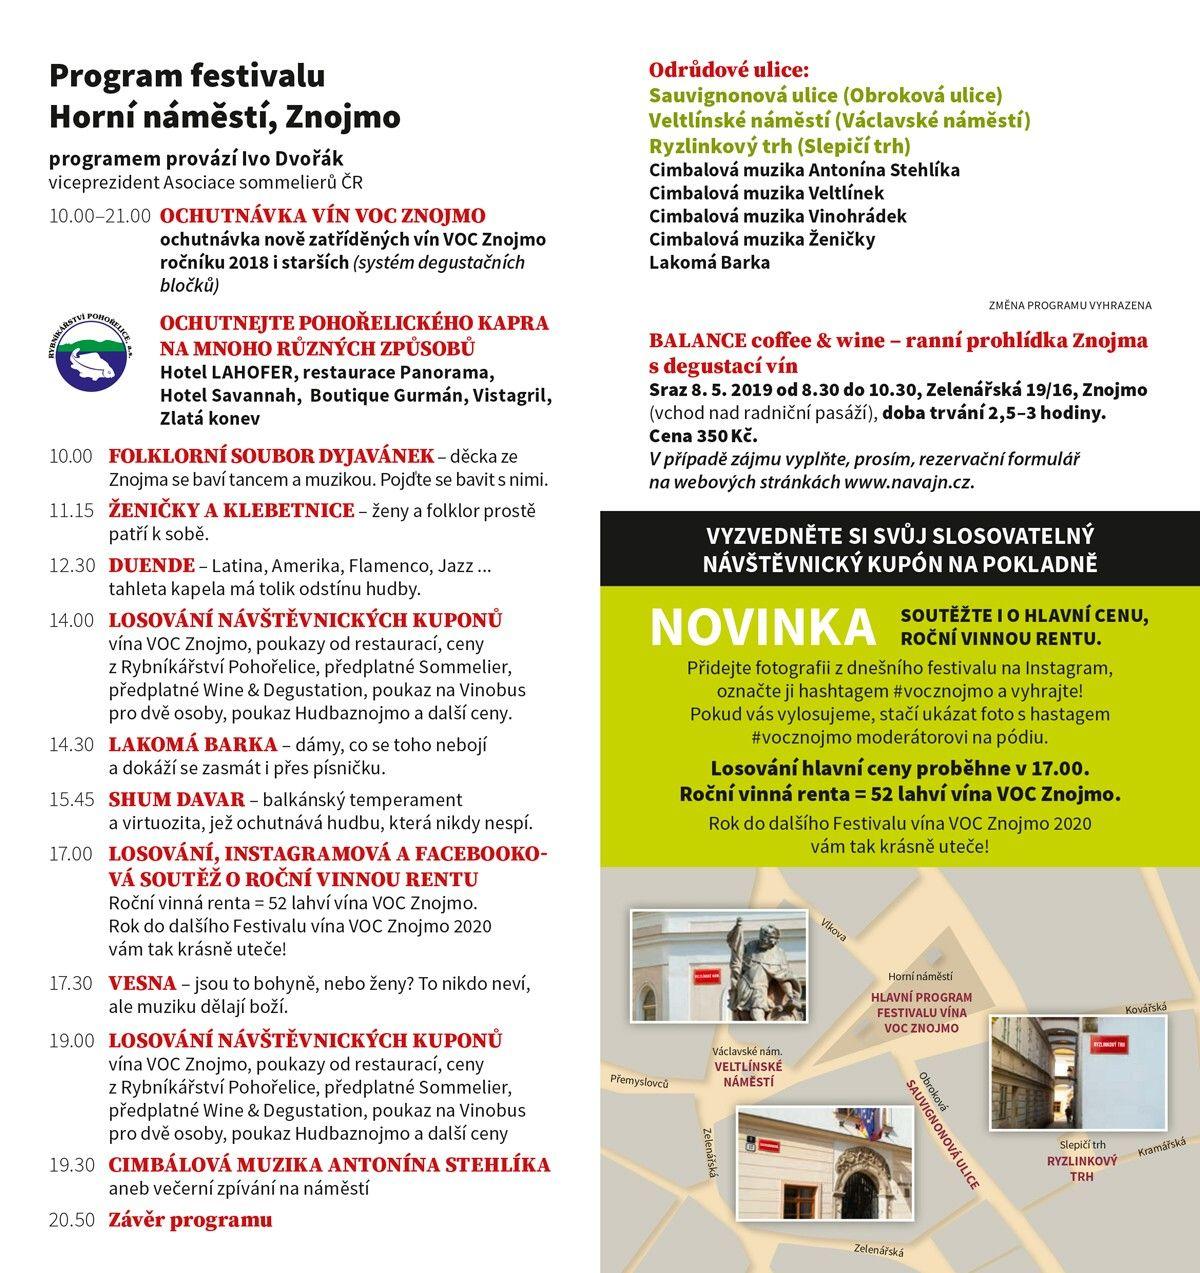 Program - Festival vína VOC Znojmo 8. 5. 2019